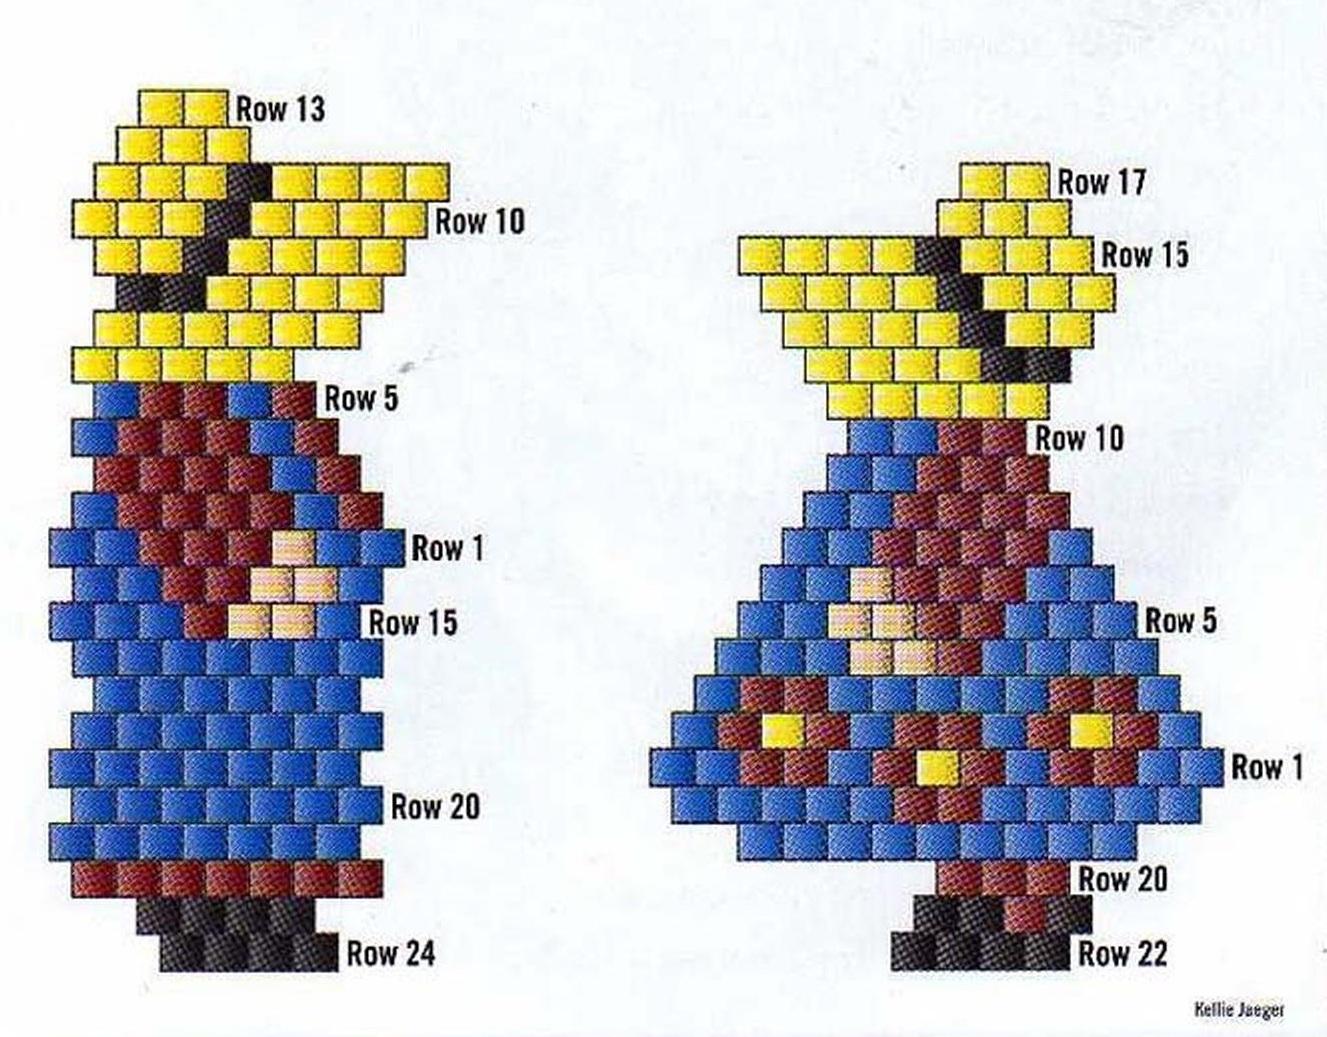 Первый ряд отмечен на схеме, для мальчика он расположен в центре фигурки, ряд за рядом вы поднимаетесь в верх.